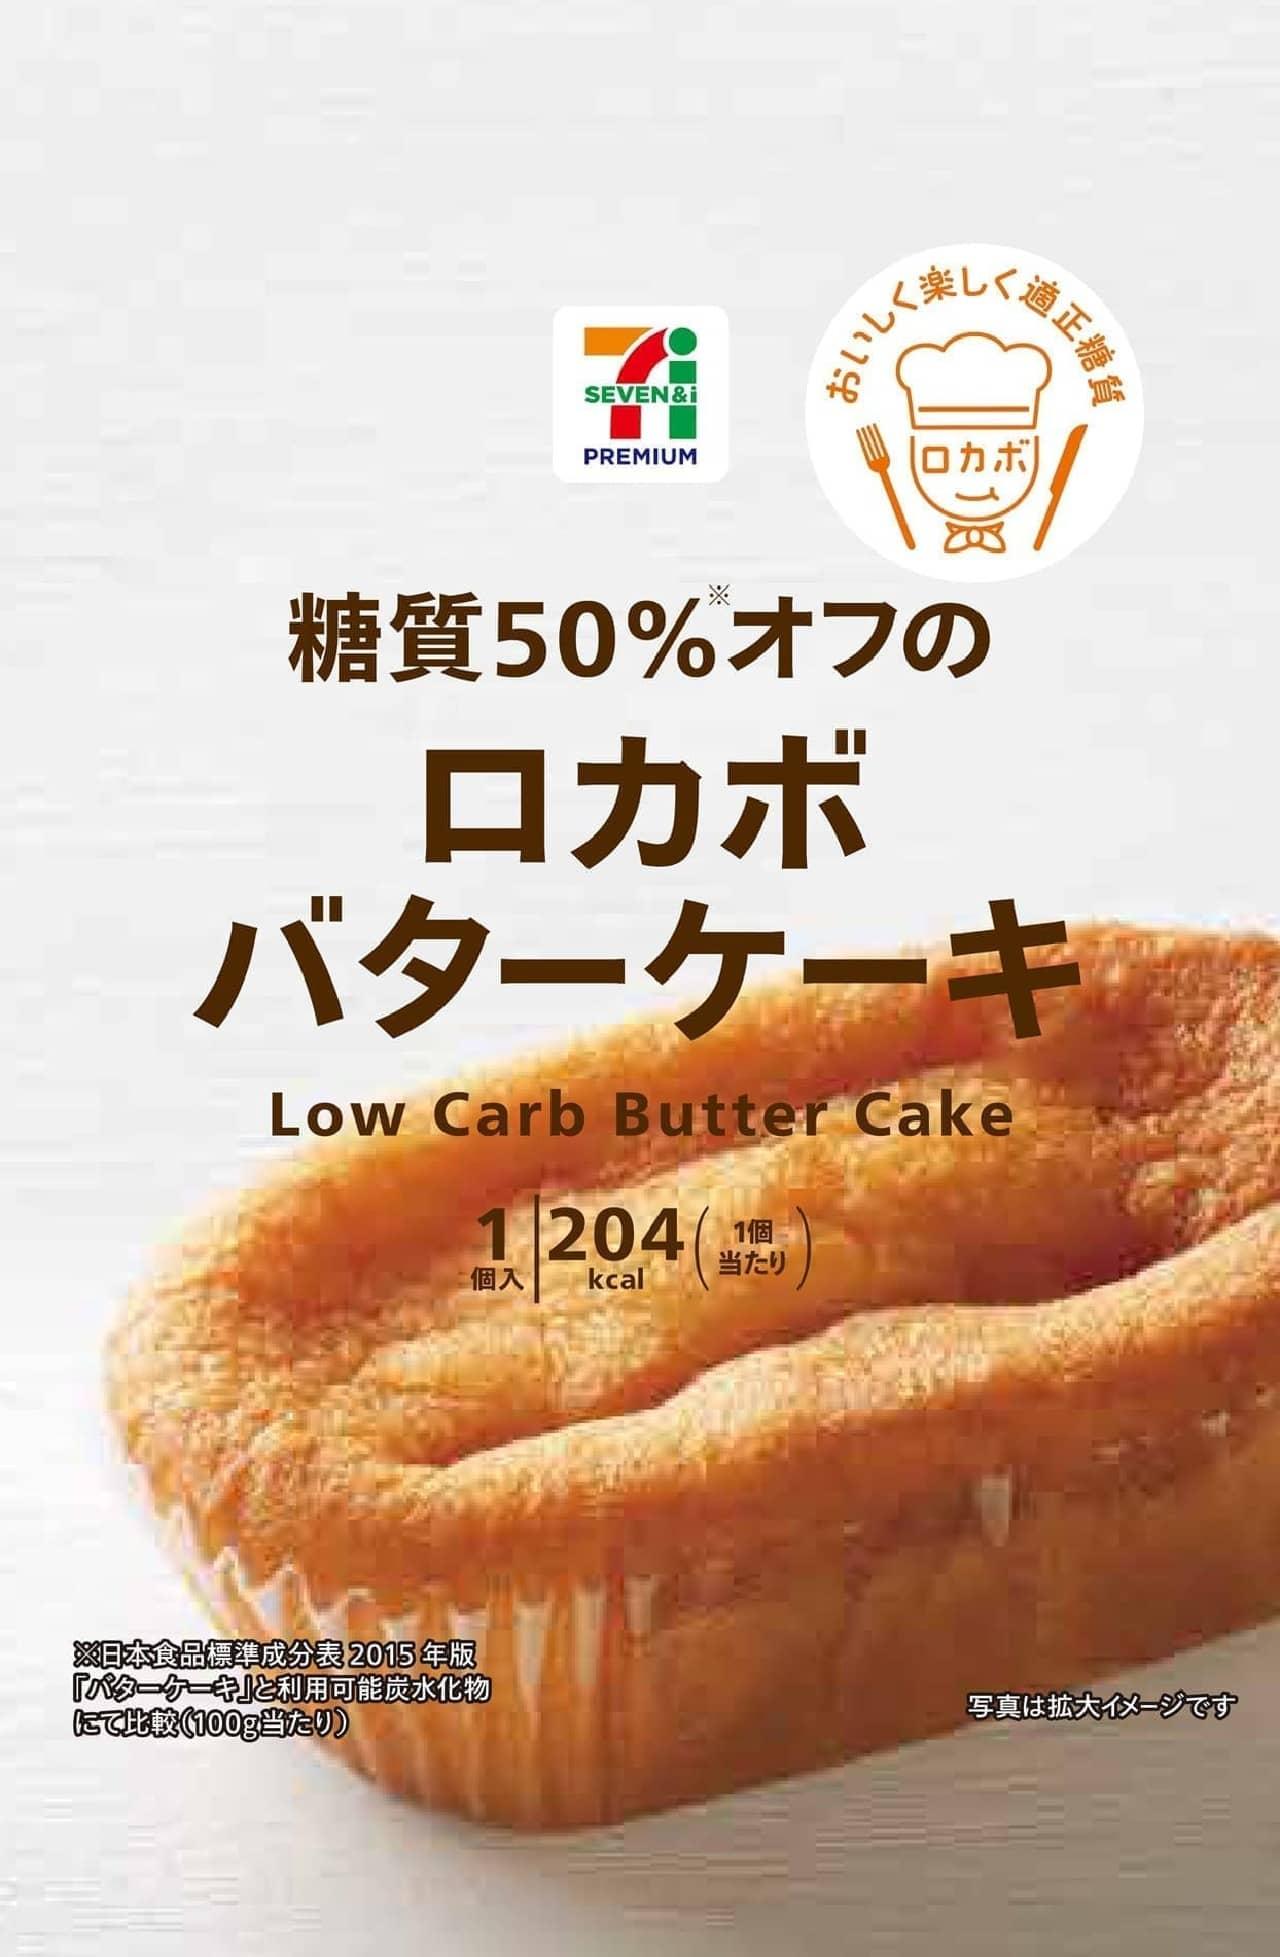 セブンプレミアム 糖質50%オフのロカボバターケーキ